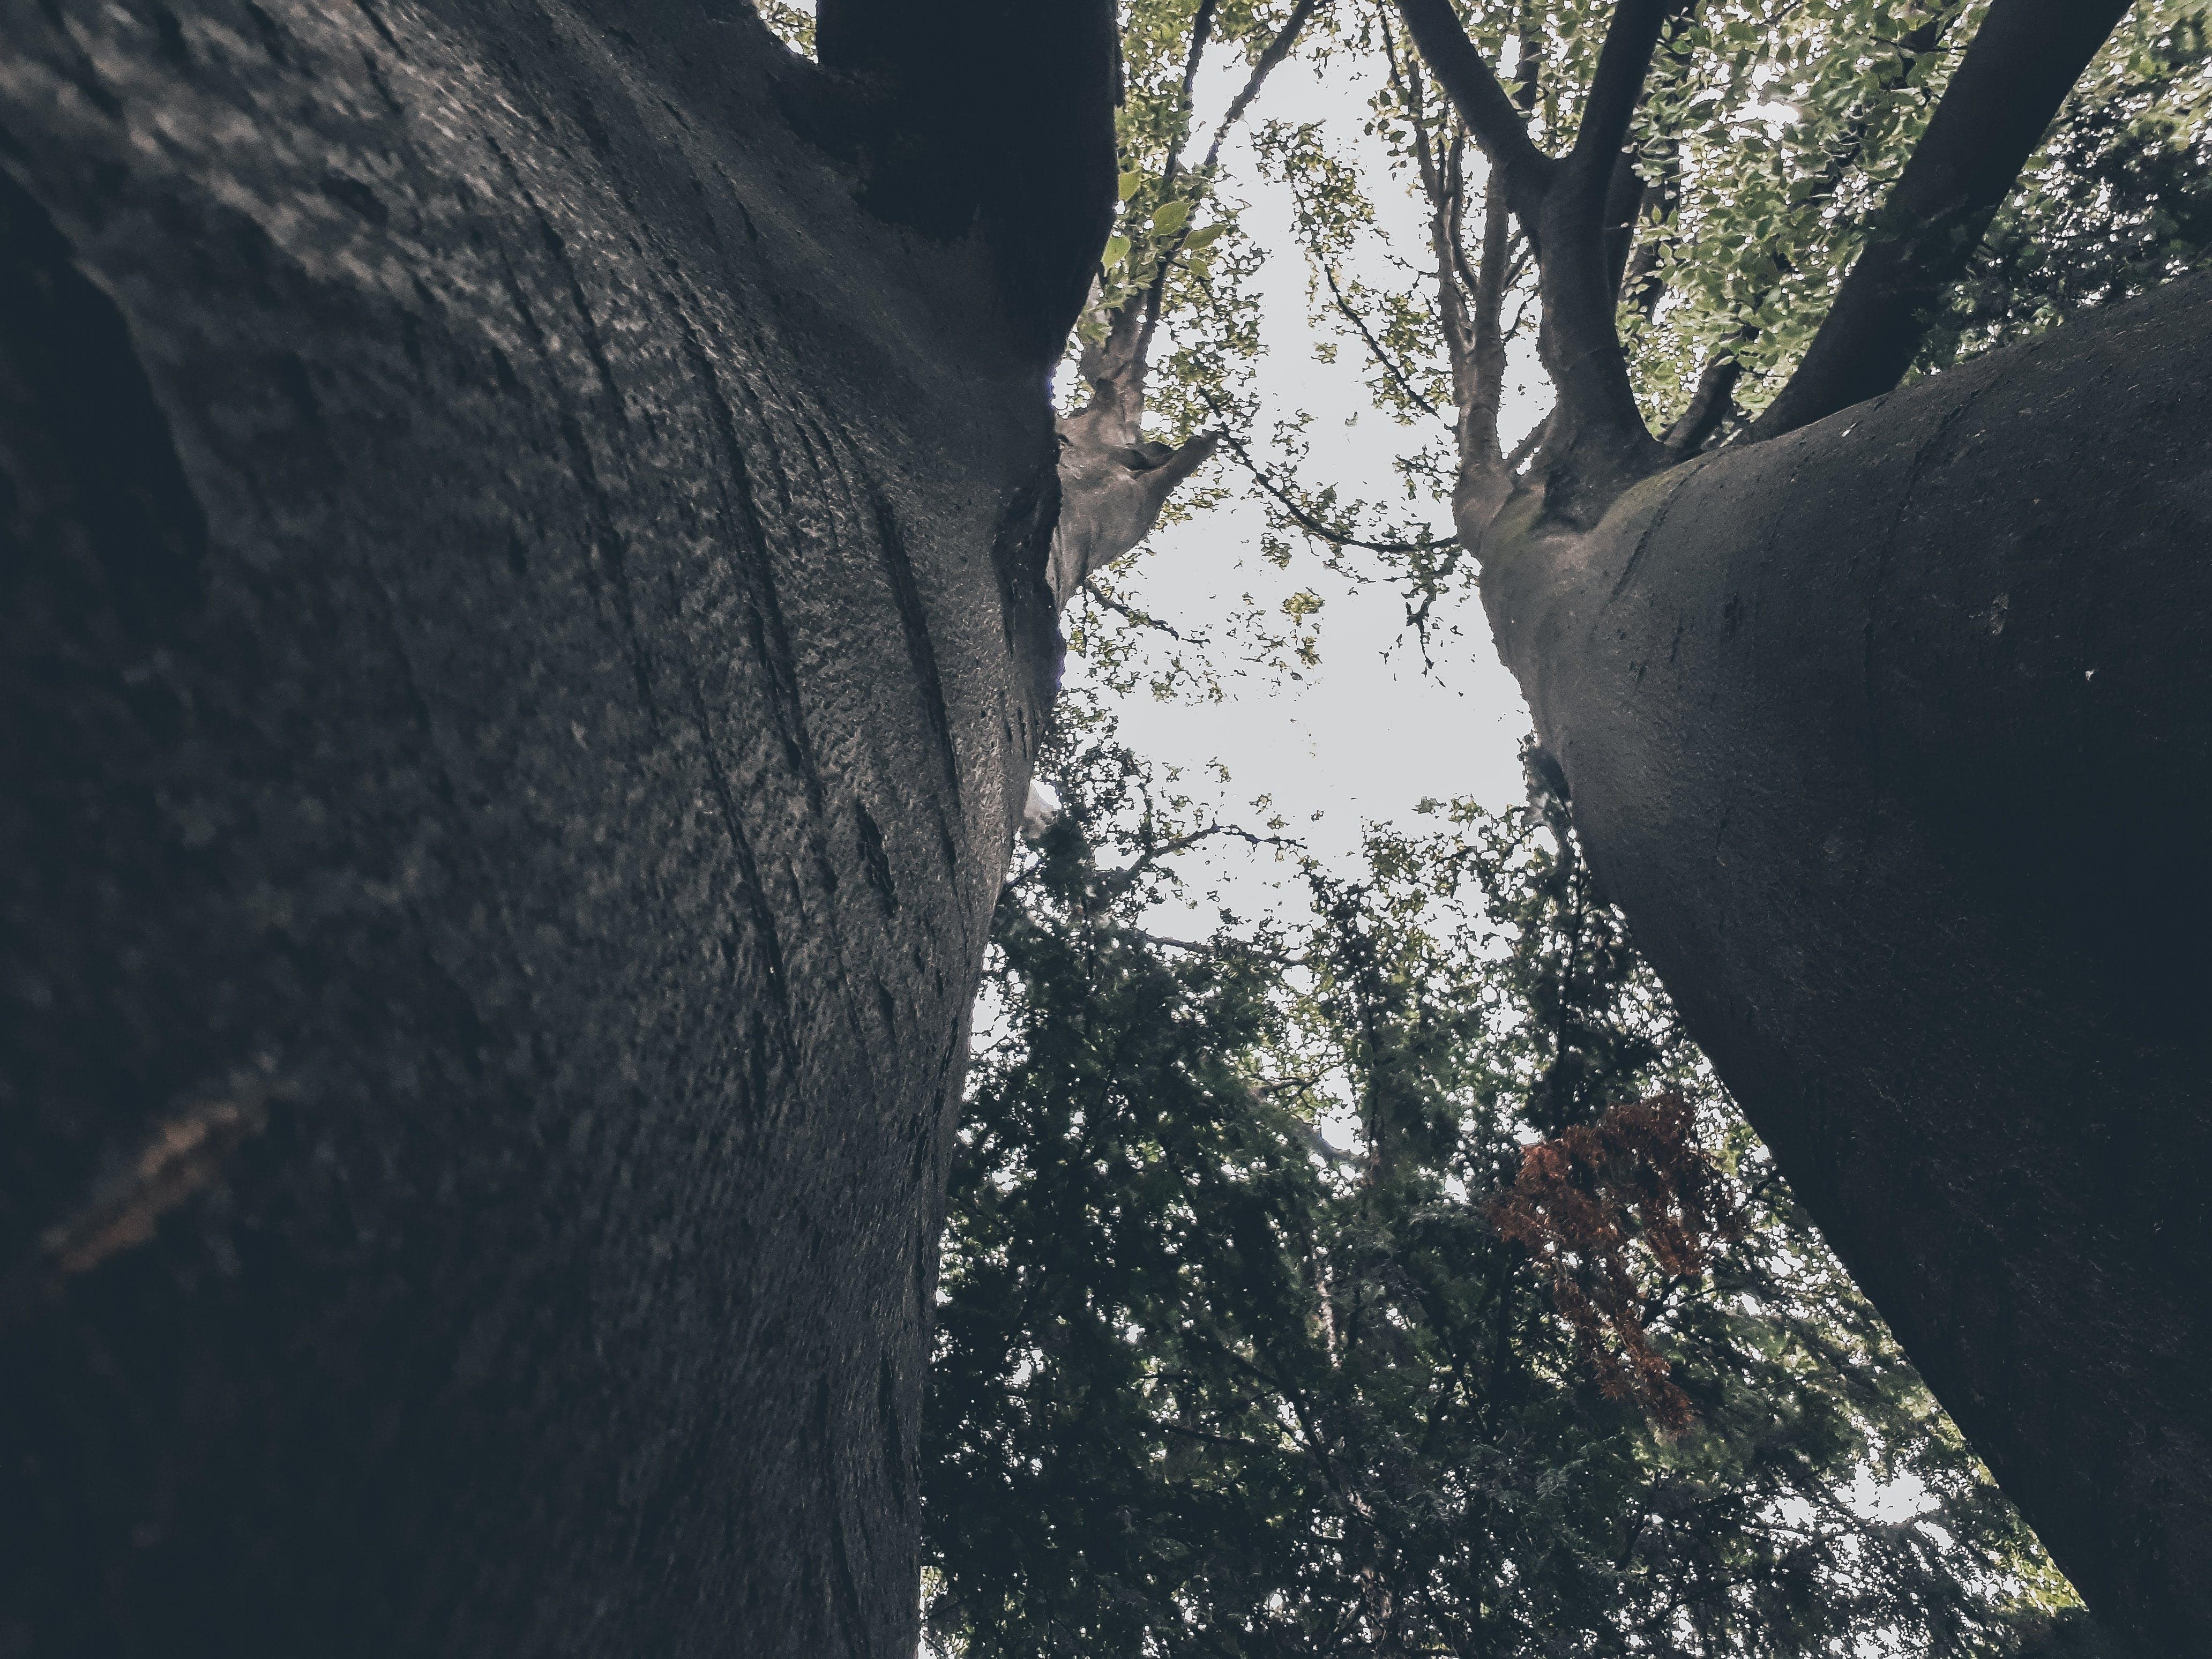 Δωρεάν στοκ φωτογραφιών με δέντρα, προοπτική, Συναισθηματικός, ψάχνω